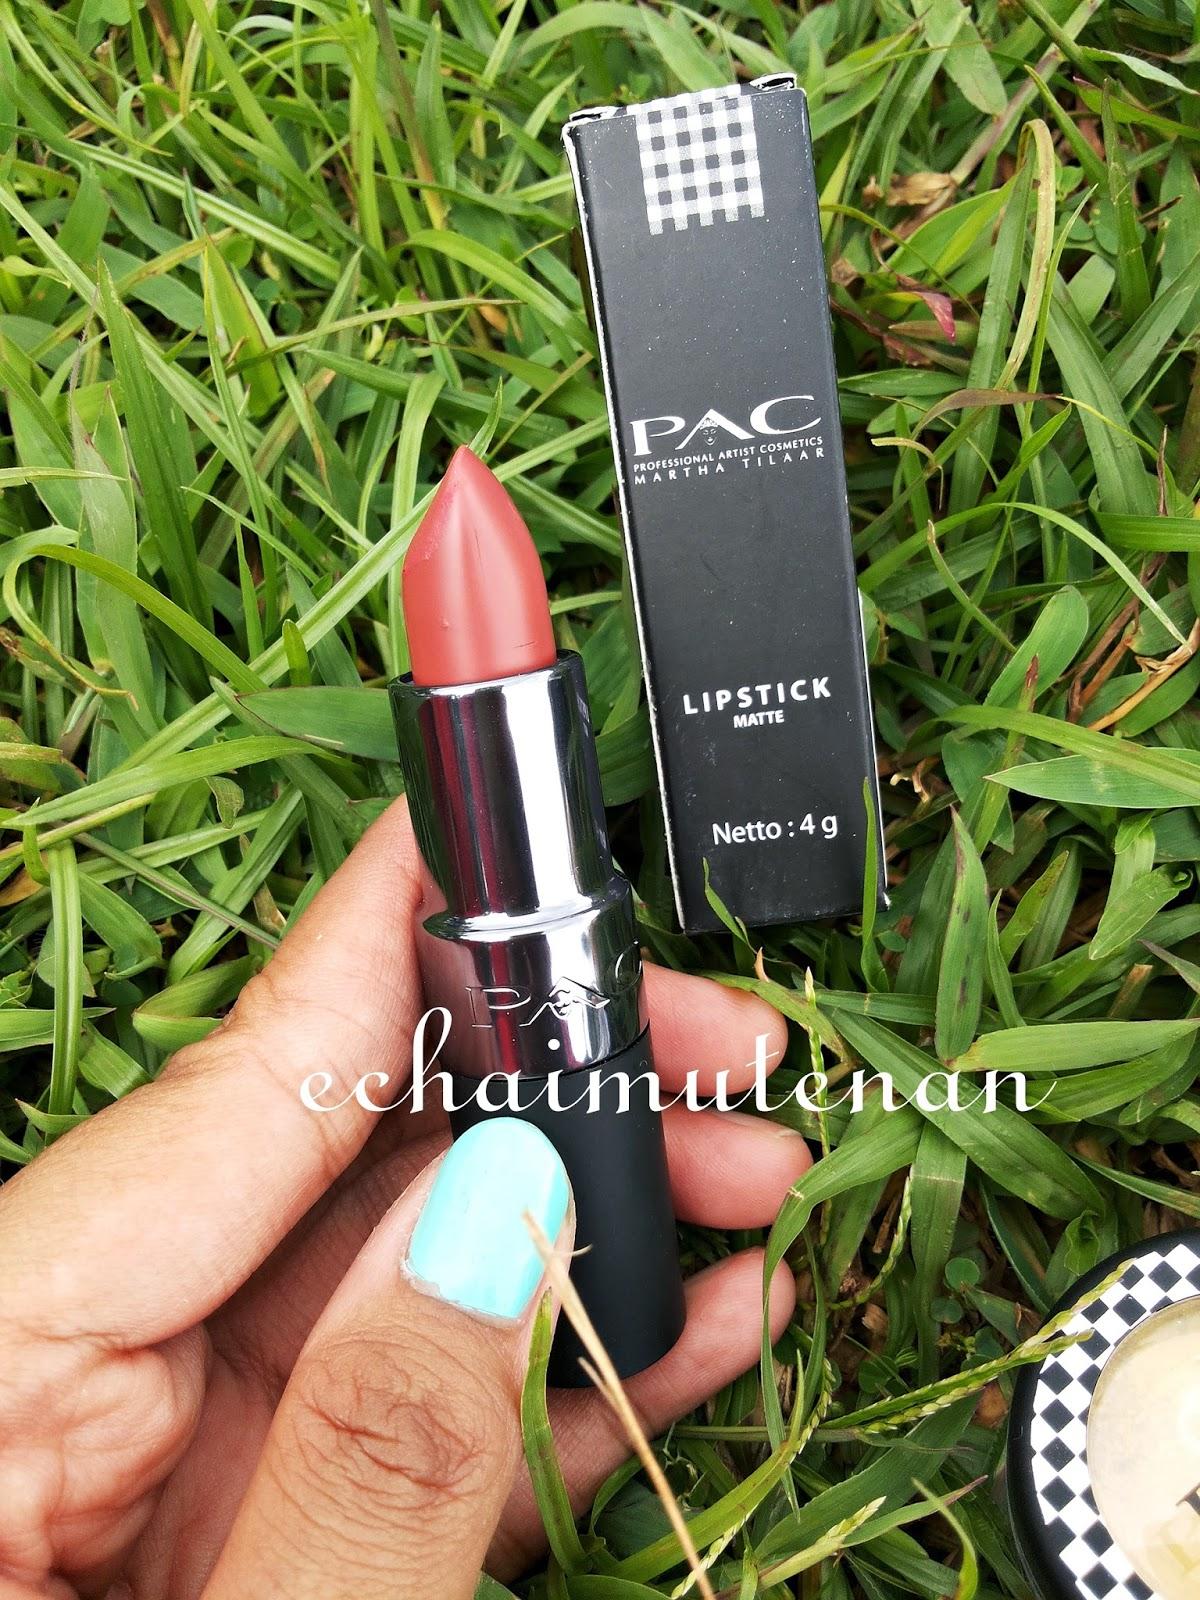 sentuhan akhir makeup minimalis itu lipstick biar tidak kelihatan pucat sudah keren makeupan eeehh lipsticknya kelupaan batal deh kerennya